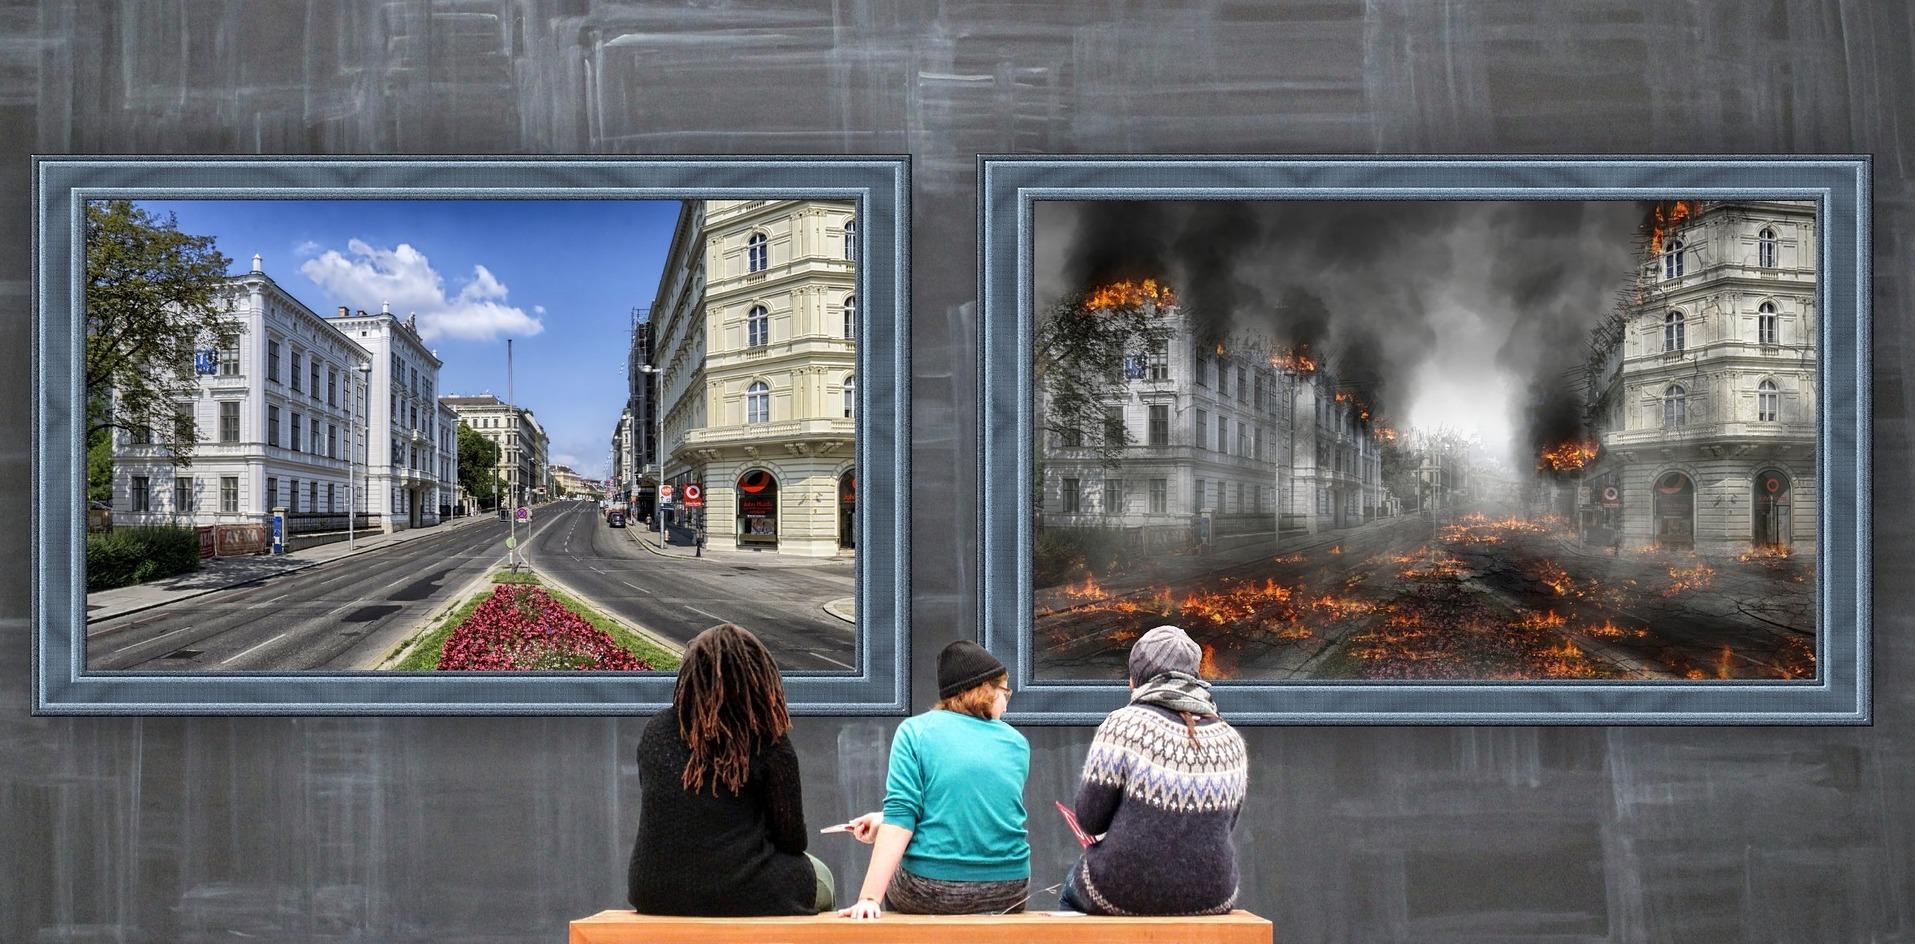 gallery-2931180_1920.jpg